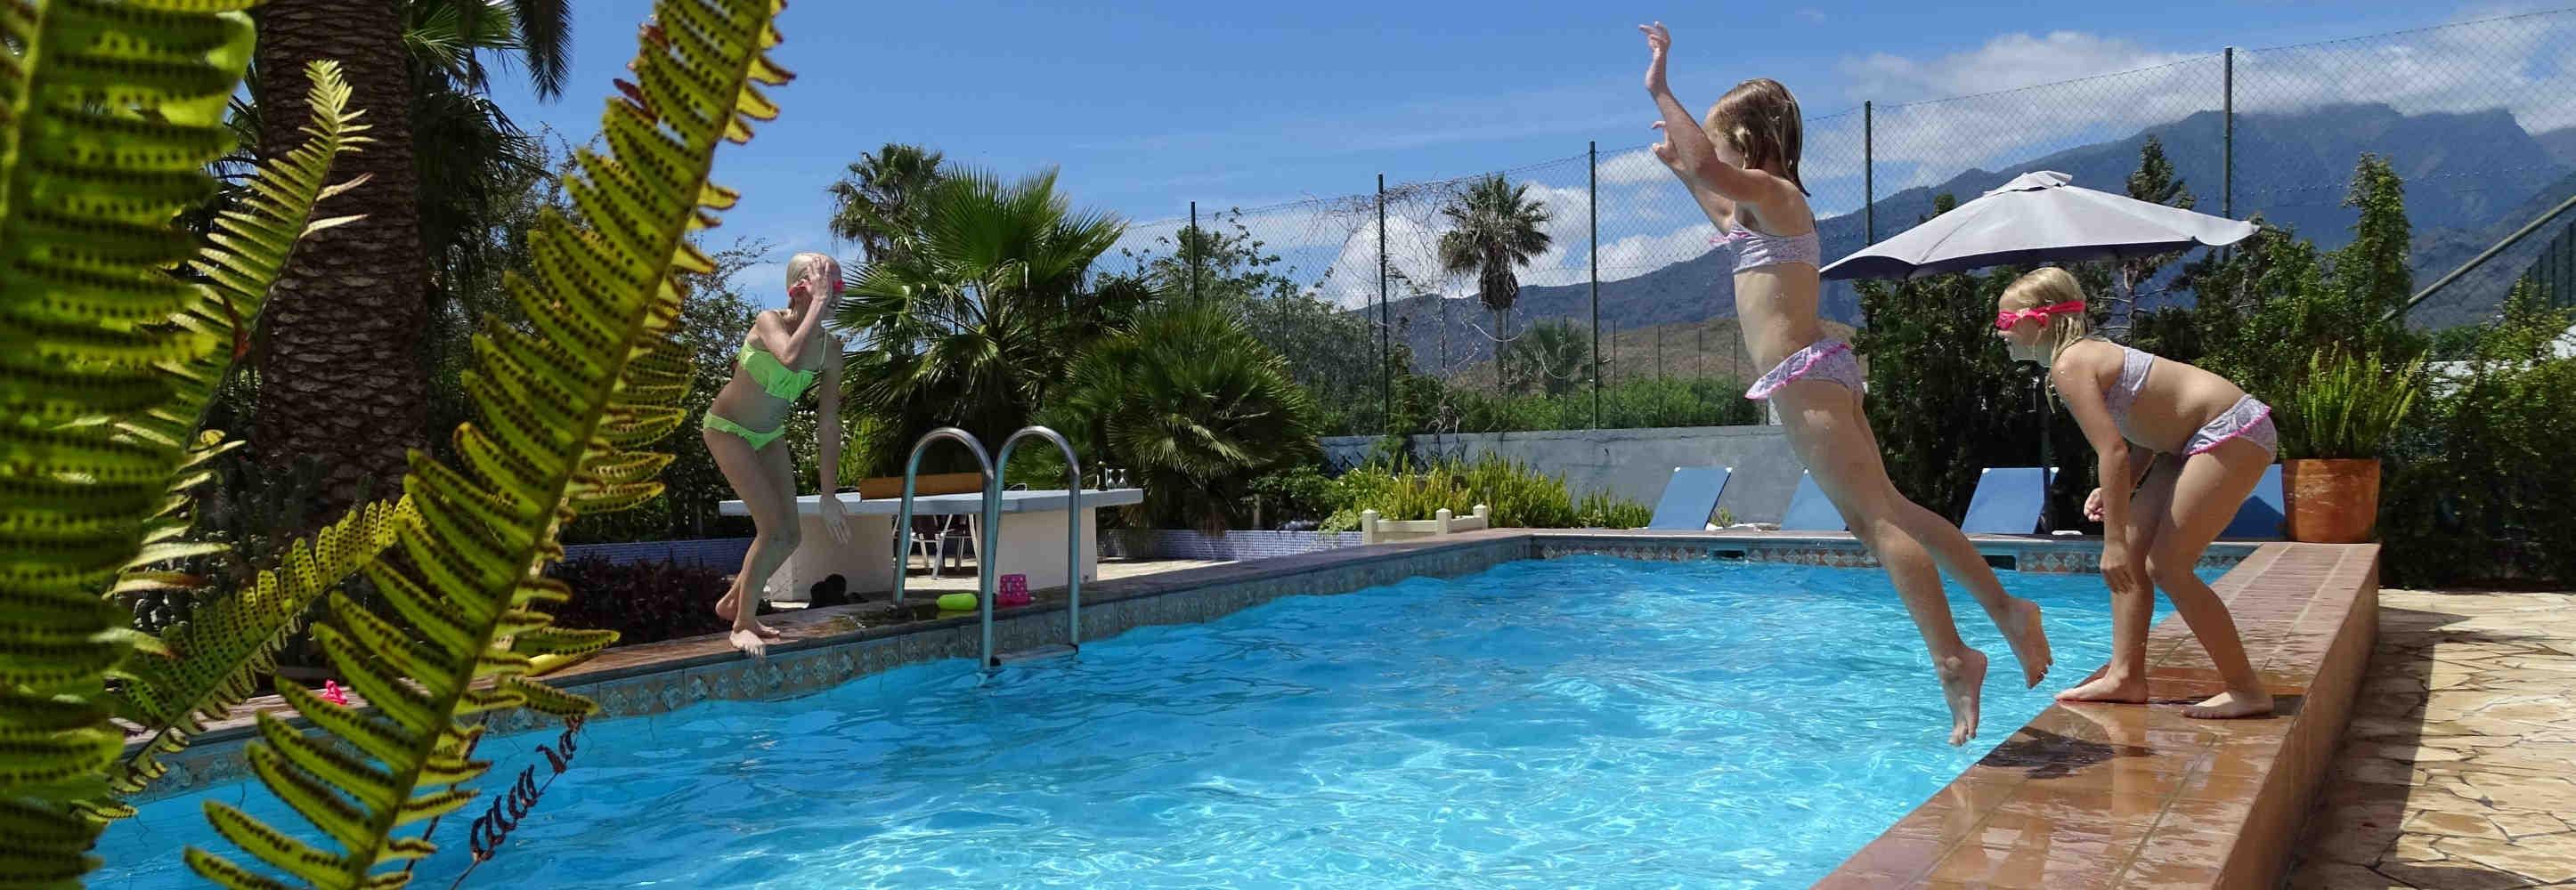 vakantiehuizen la palma met zwembad